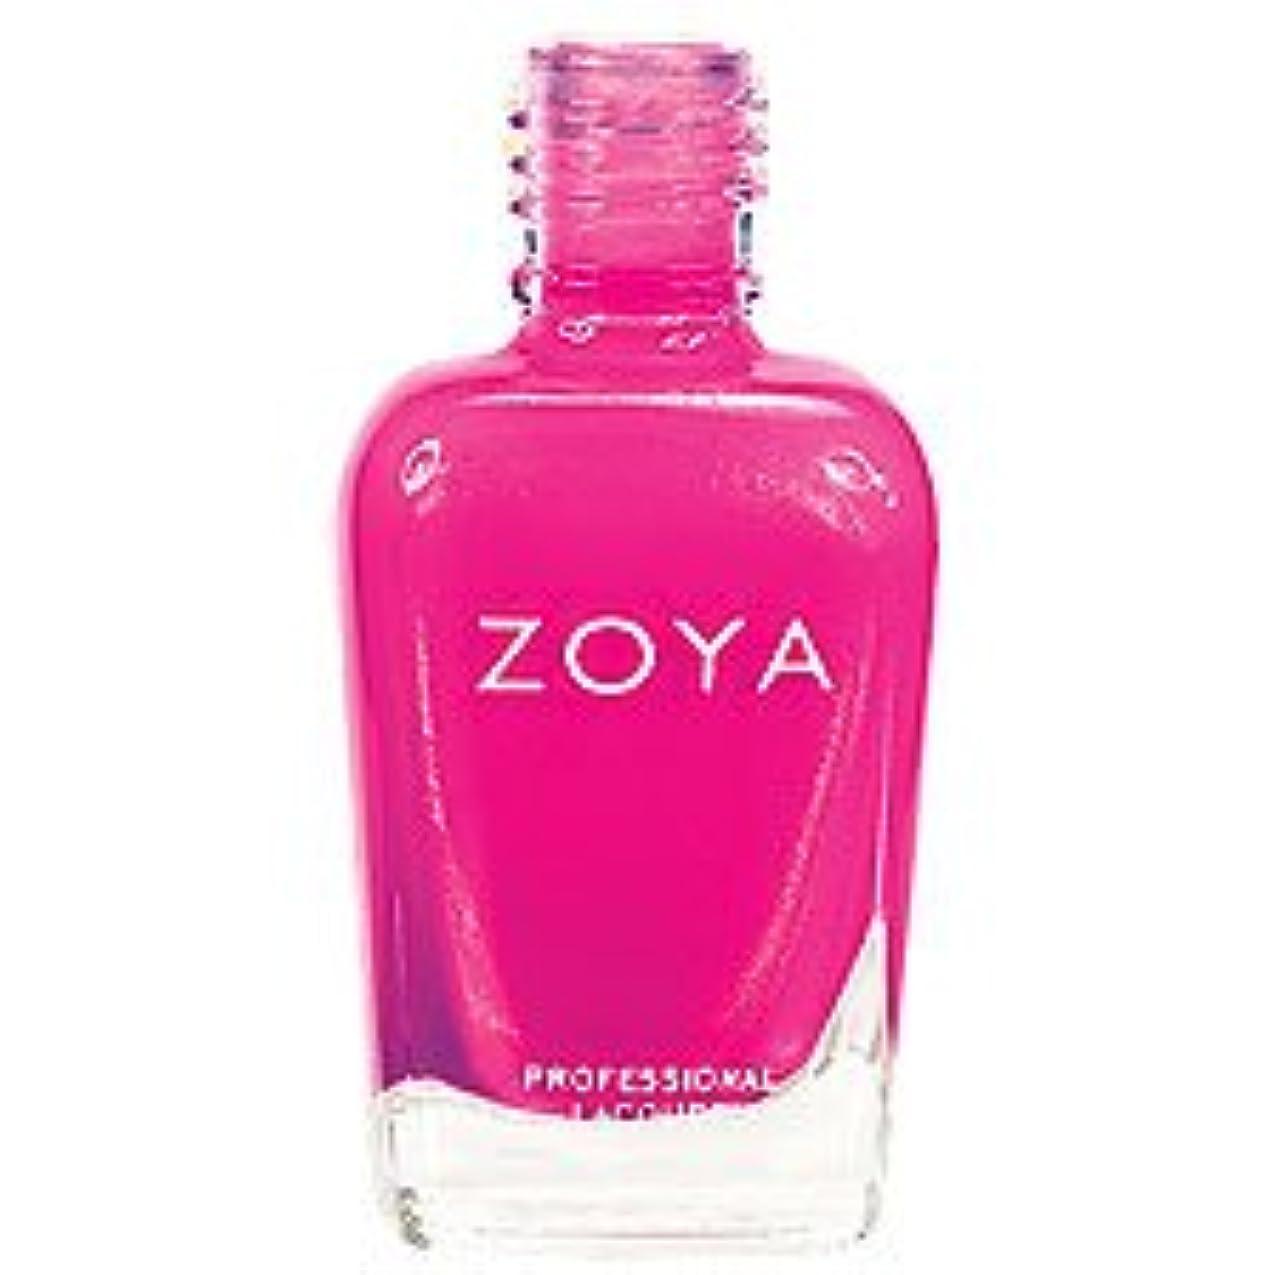 シンボル聴覚障害者ピンクZoya Vernis à ongles - Katy ZP480 - Ooh-La-La Collection